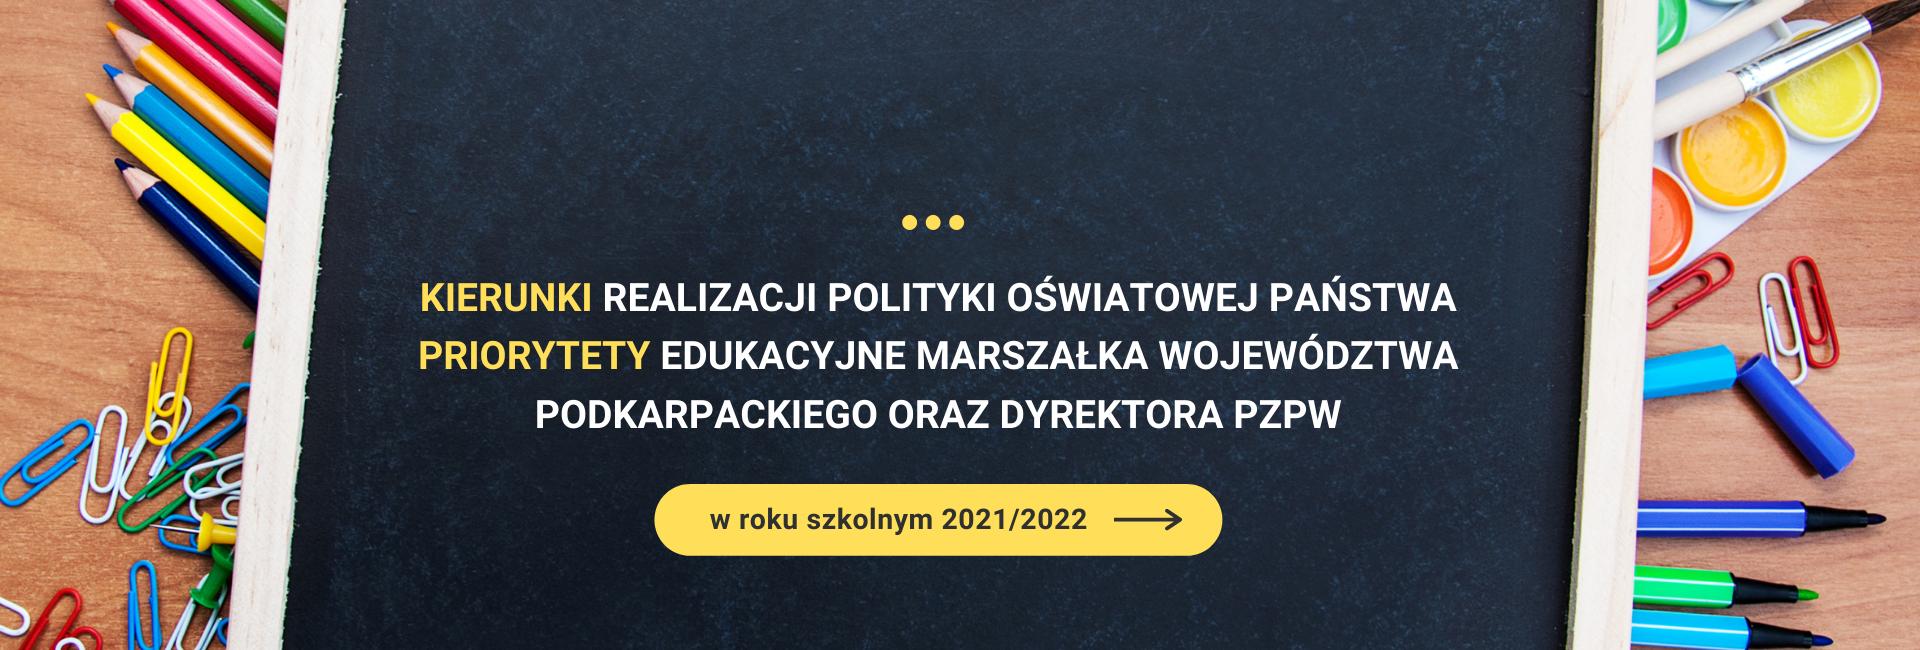 Kierunki realizacji polityki oświatowej państwa, priorytety edukacyjne marszałka województwa podkarpackiego oraz dyrektora PZPW w roku szkolnym 2021/2022